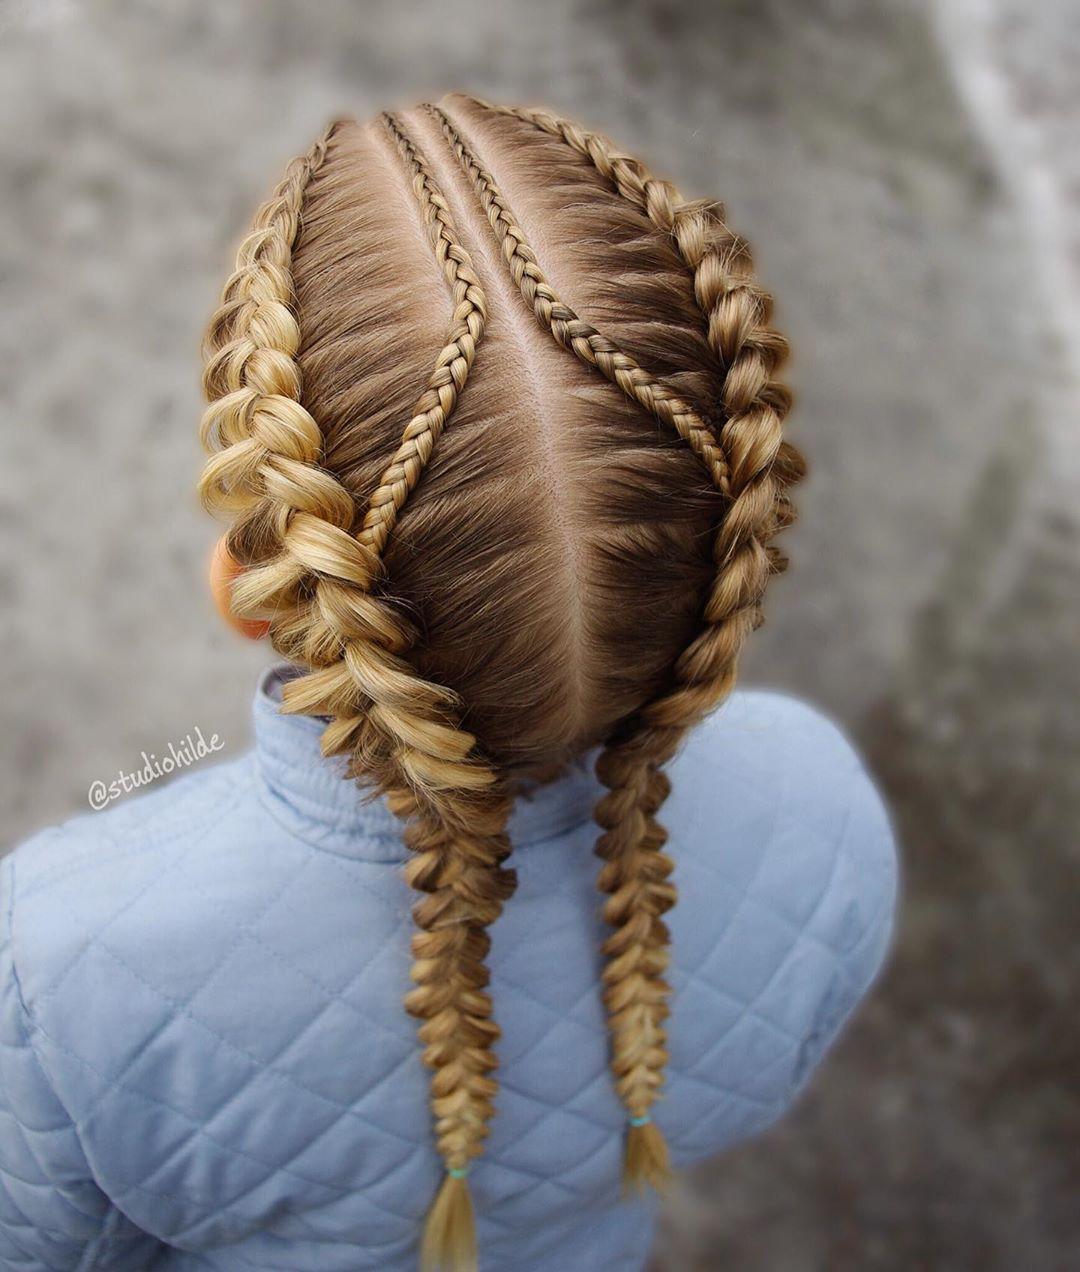 مدل بافت مو دخترانه فرانسوی زیبا